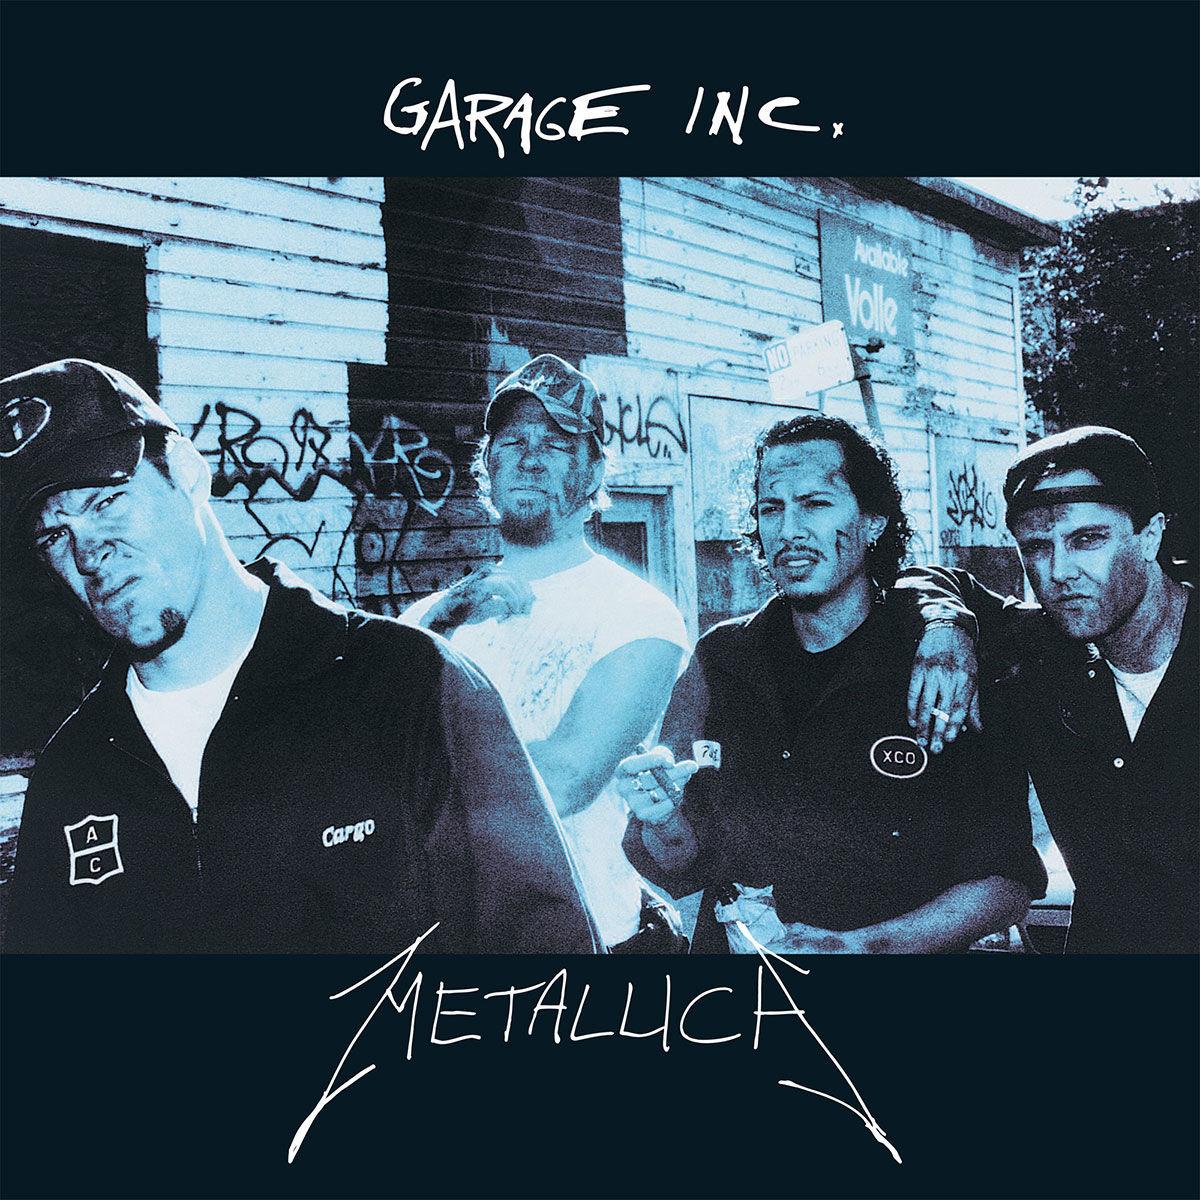 ¿A cuál de las siguientes bandas NO ha sido versionada en el disco Garage Inc.?